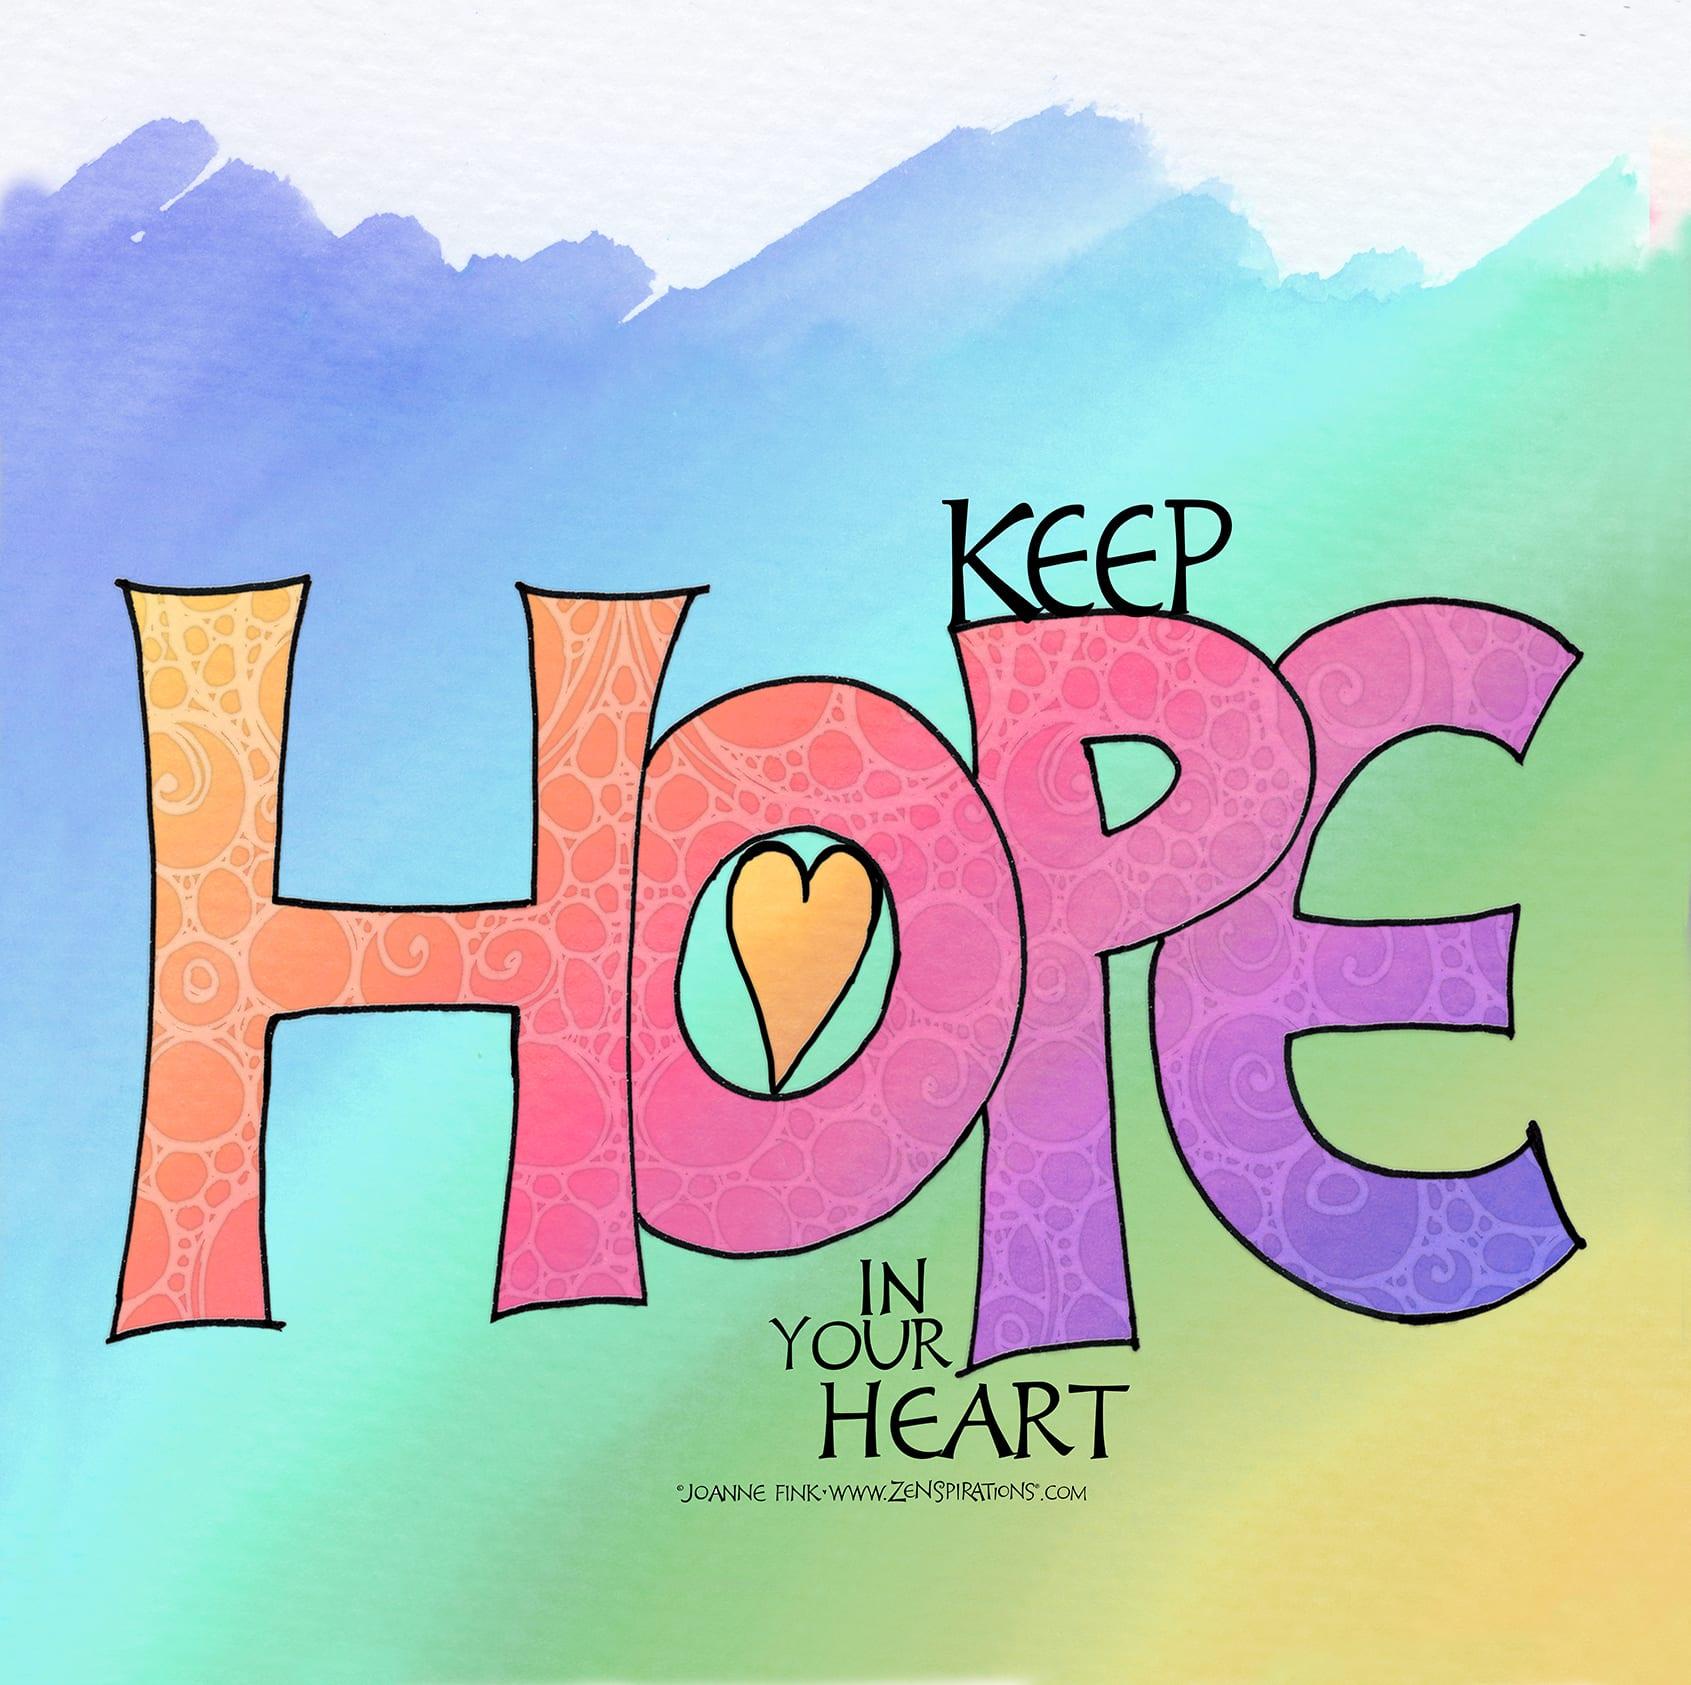 zenspirations_by_joanne_fink_keep_hope